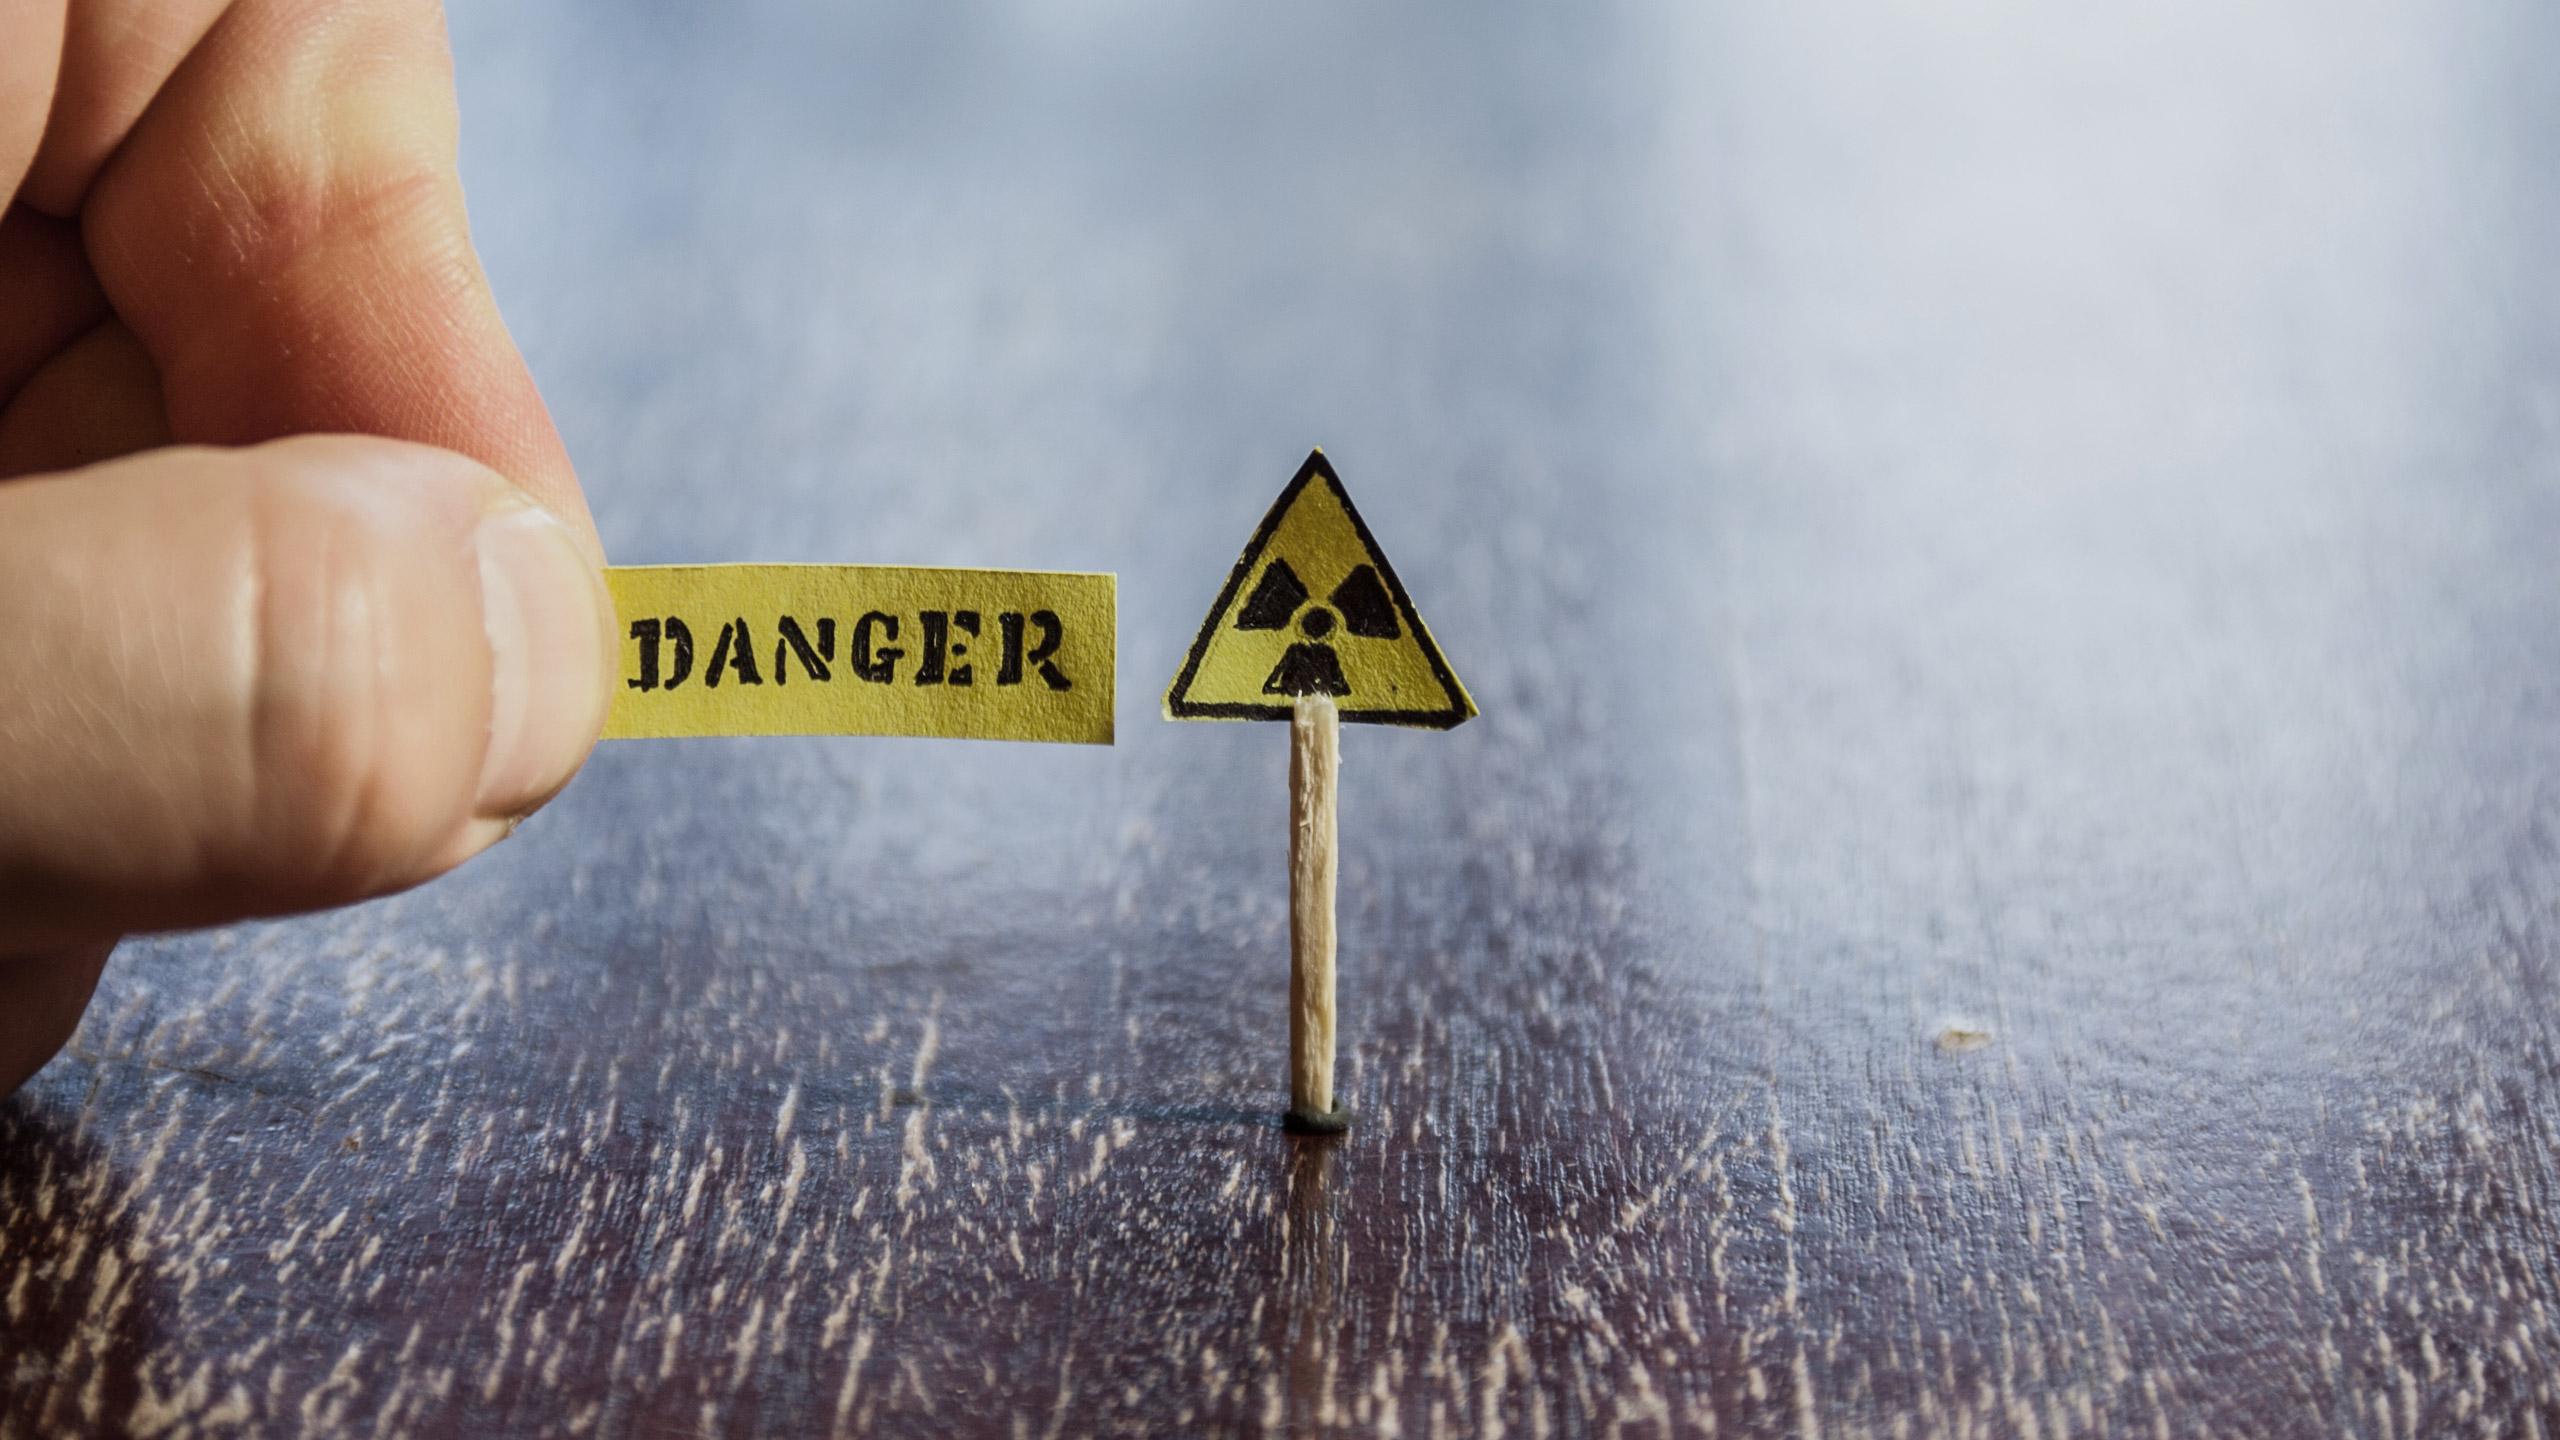 sliderbg-2540x1440px-danger-2